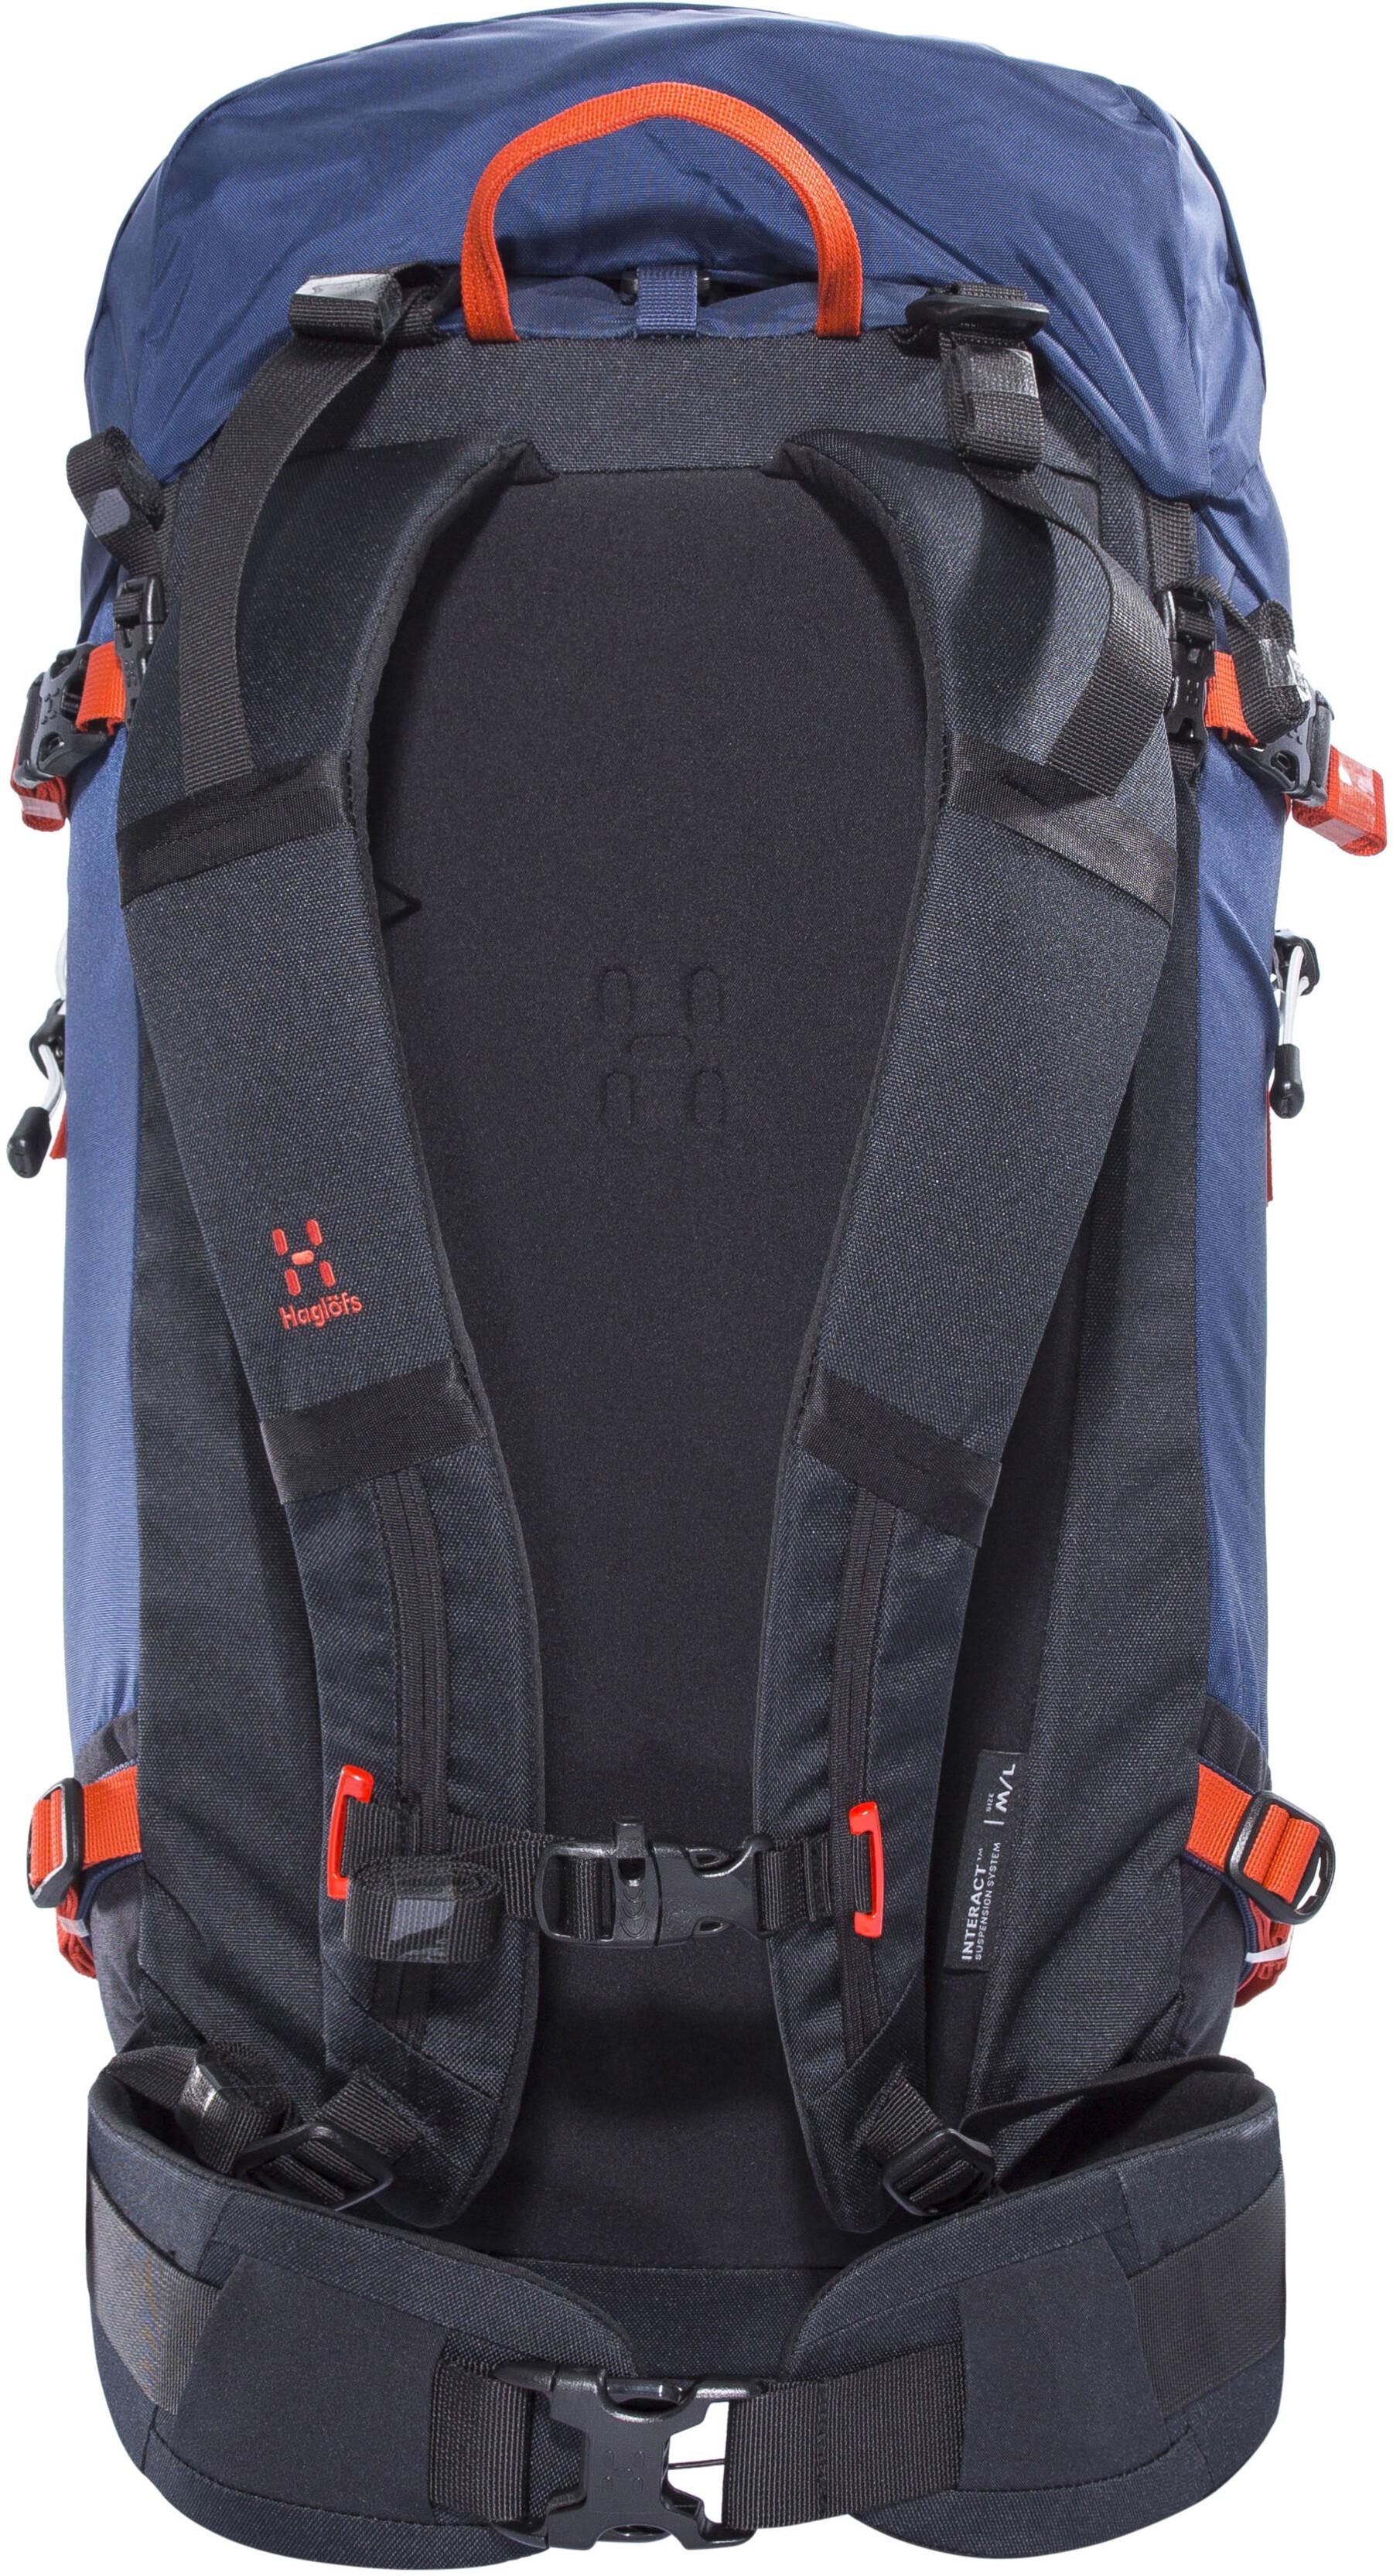 9391707348a Haglöfs Roc Summit 45 Backpack tarn blue - addnature.com